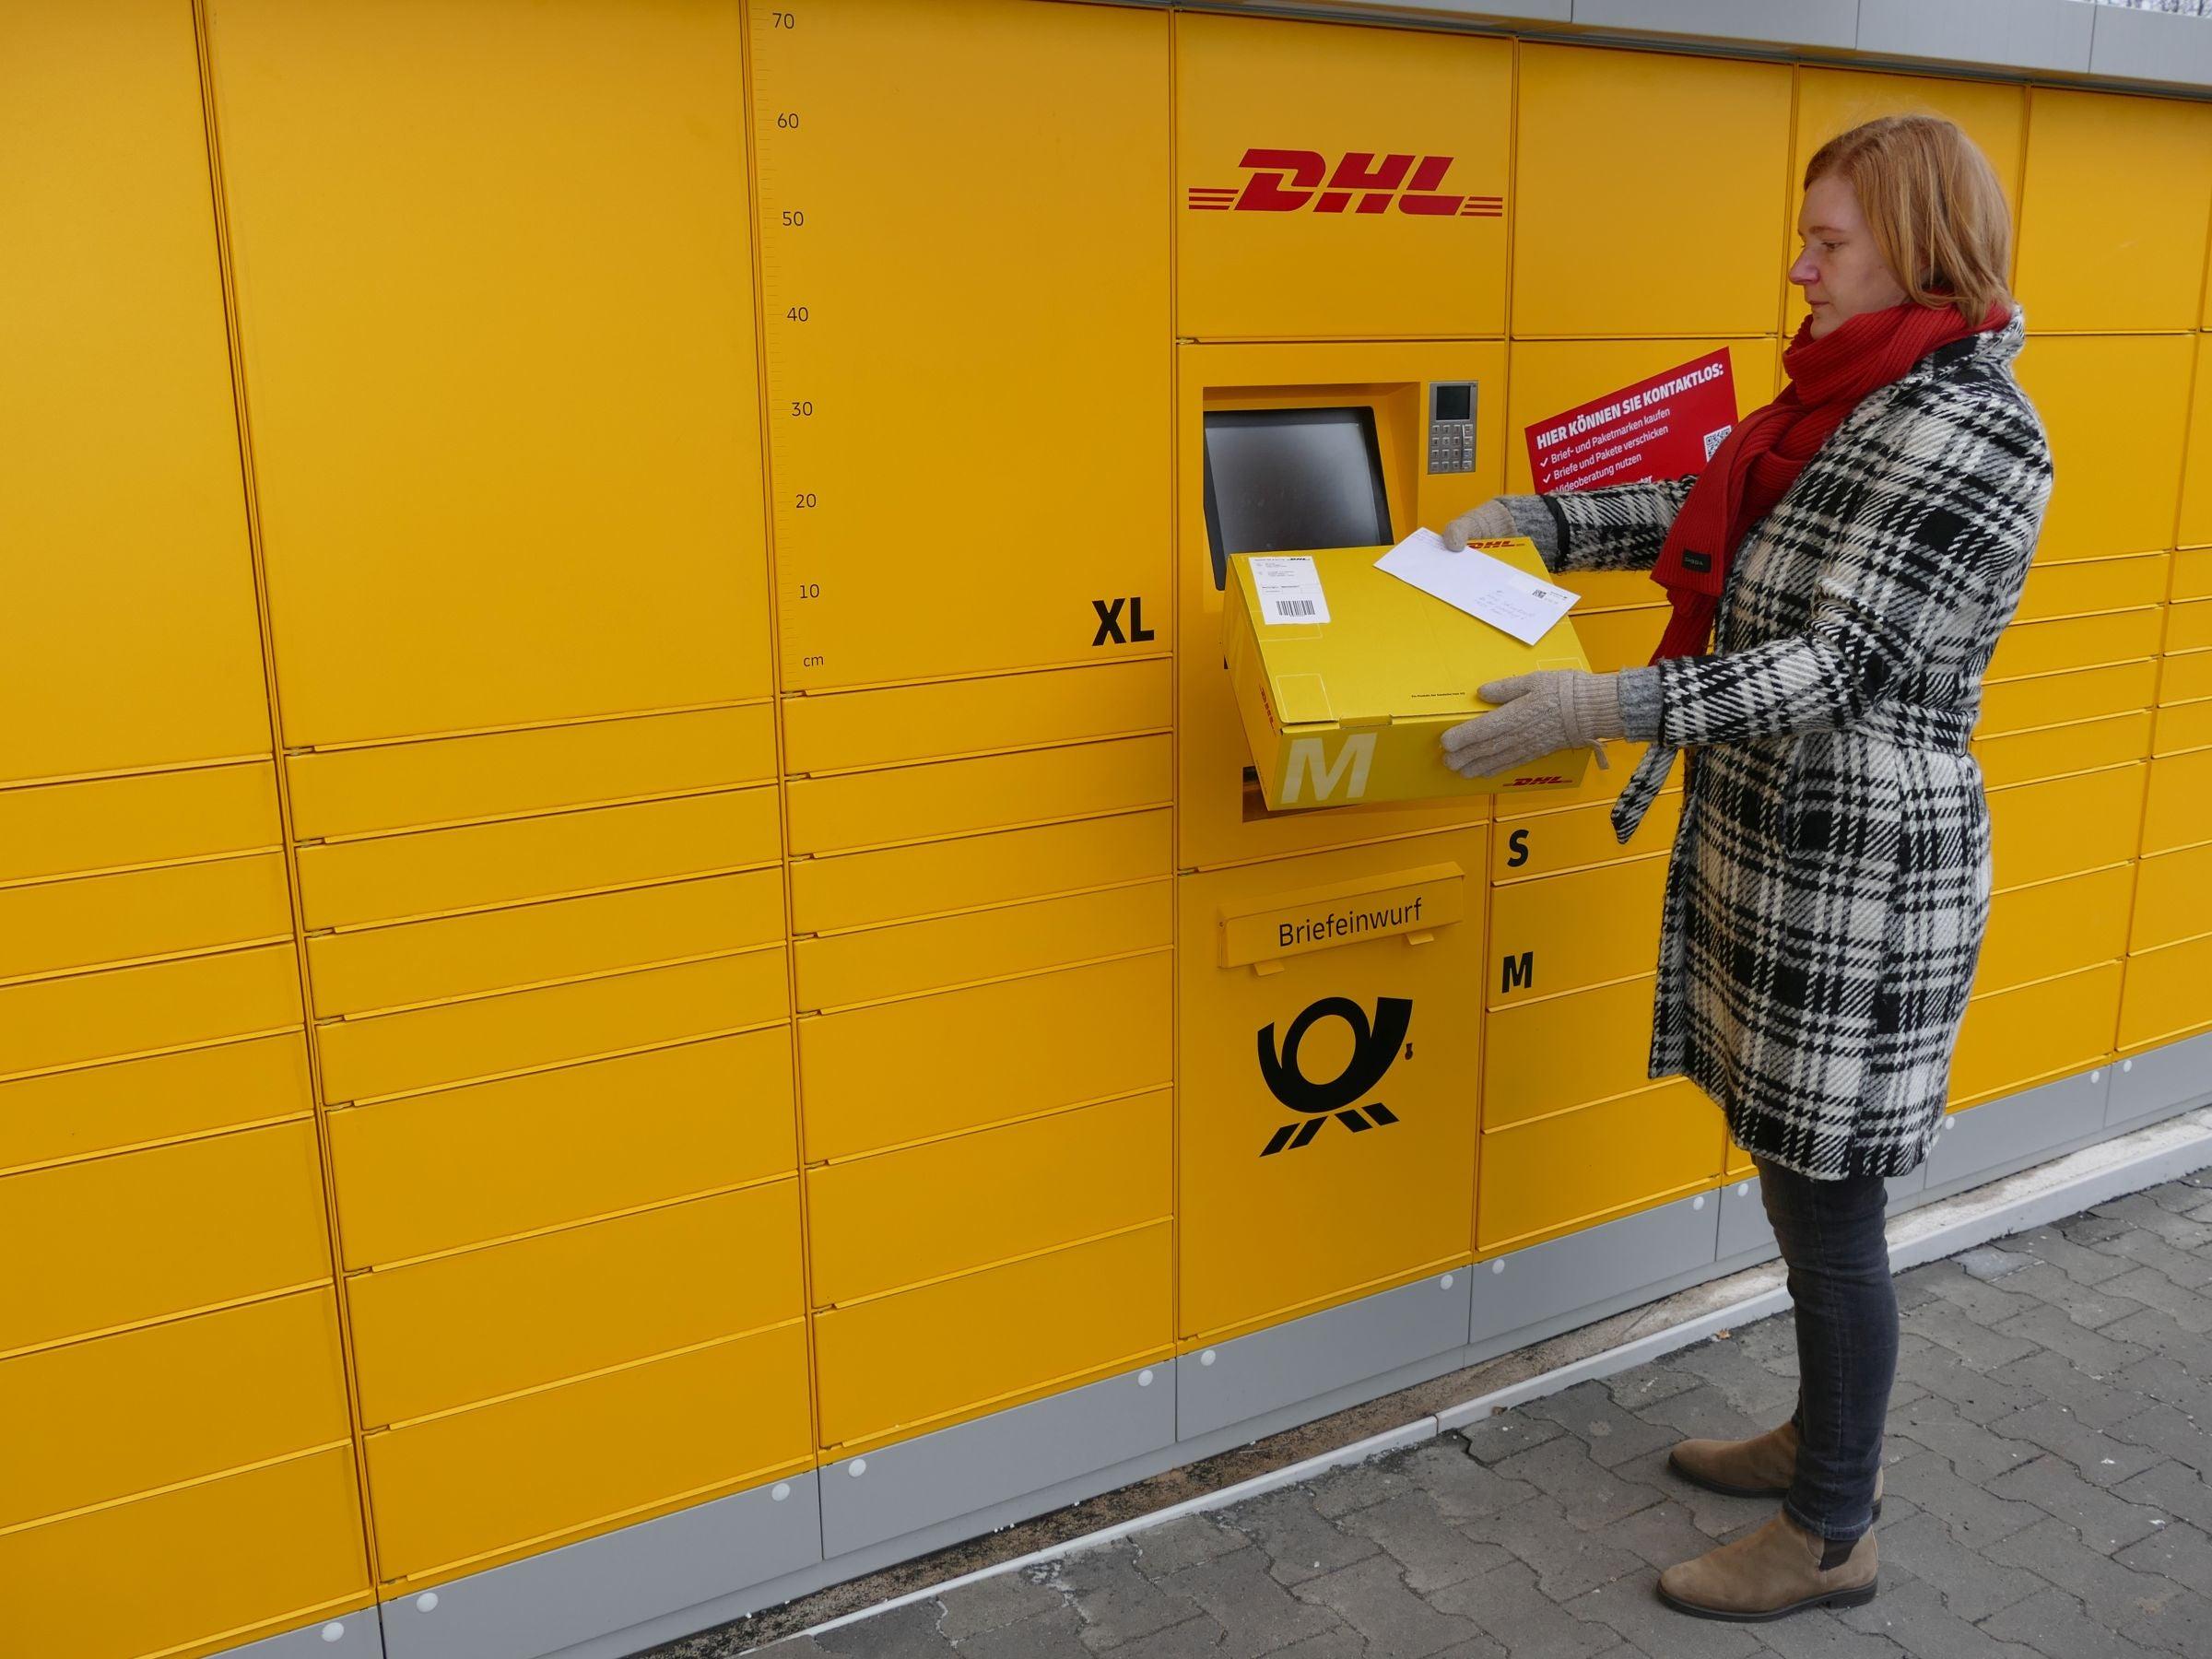 DHL erweitert Packstation um diese neuen Funktionen - inside digital